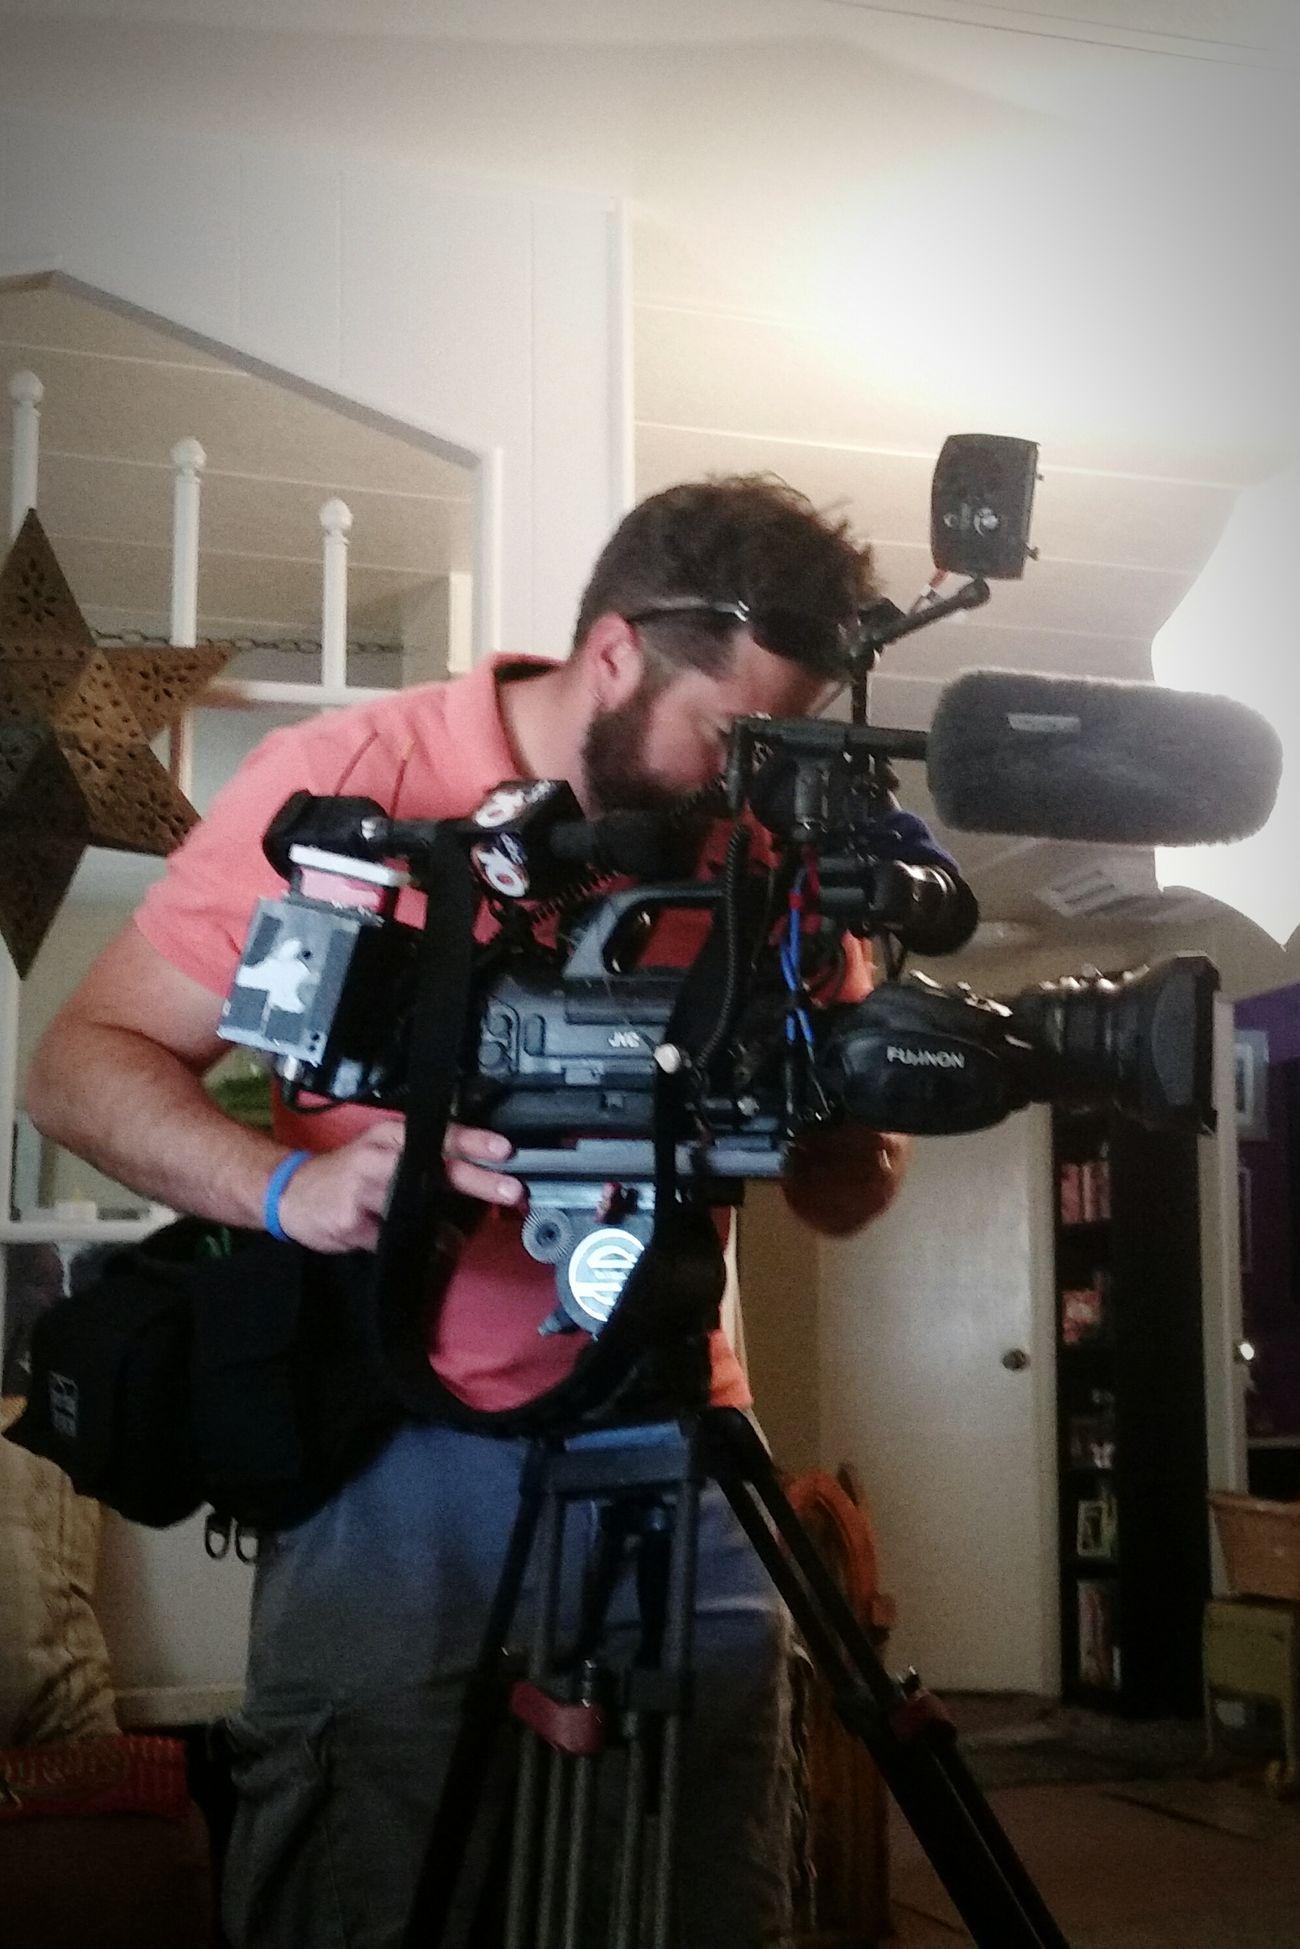 TV News News On TV News Photography My Living Room